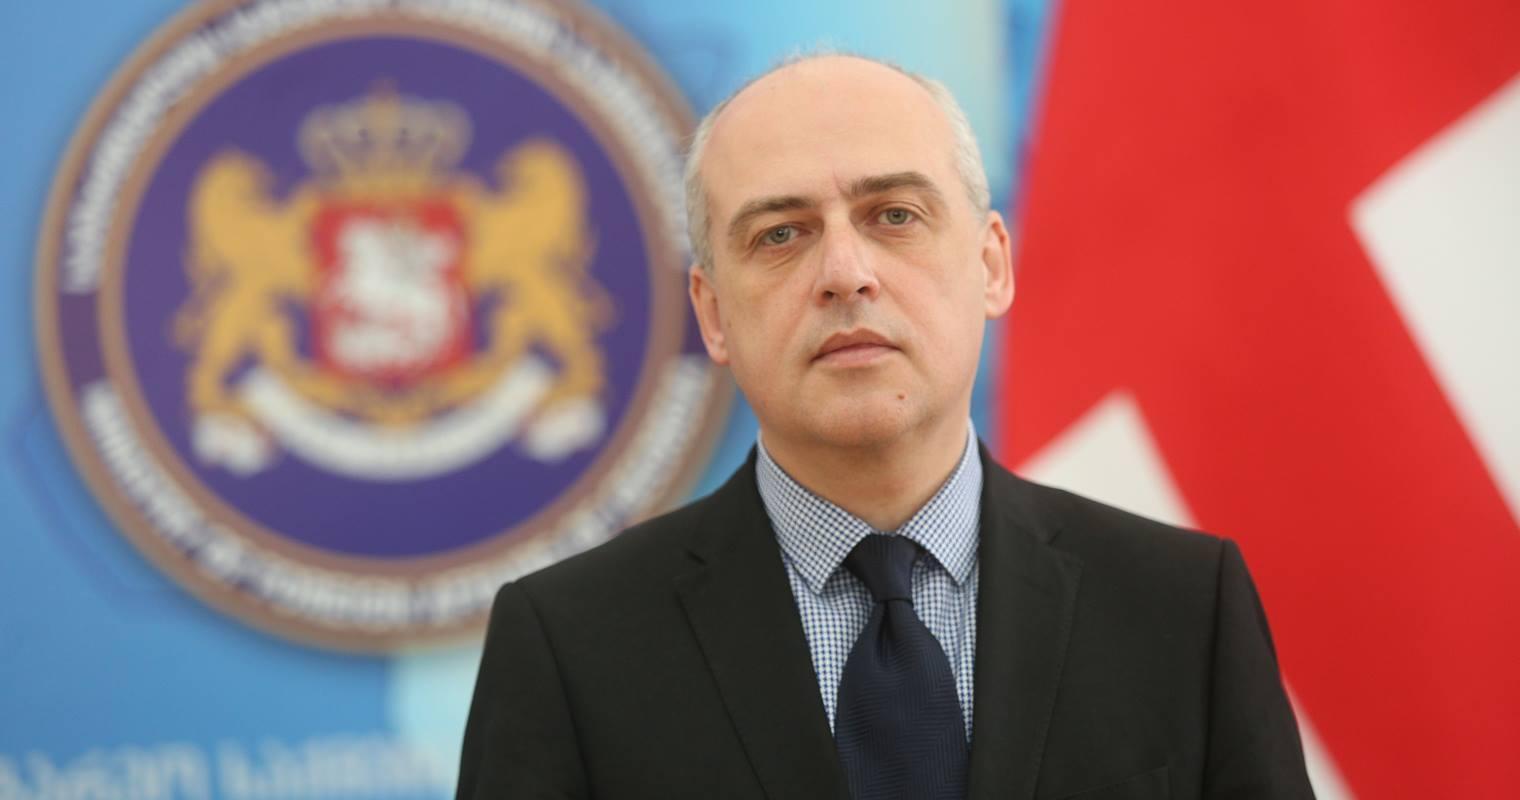 Грузия приветствует достижение договоренности по отмене визового режима с ЕС